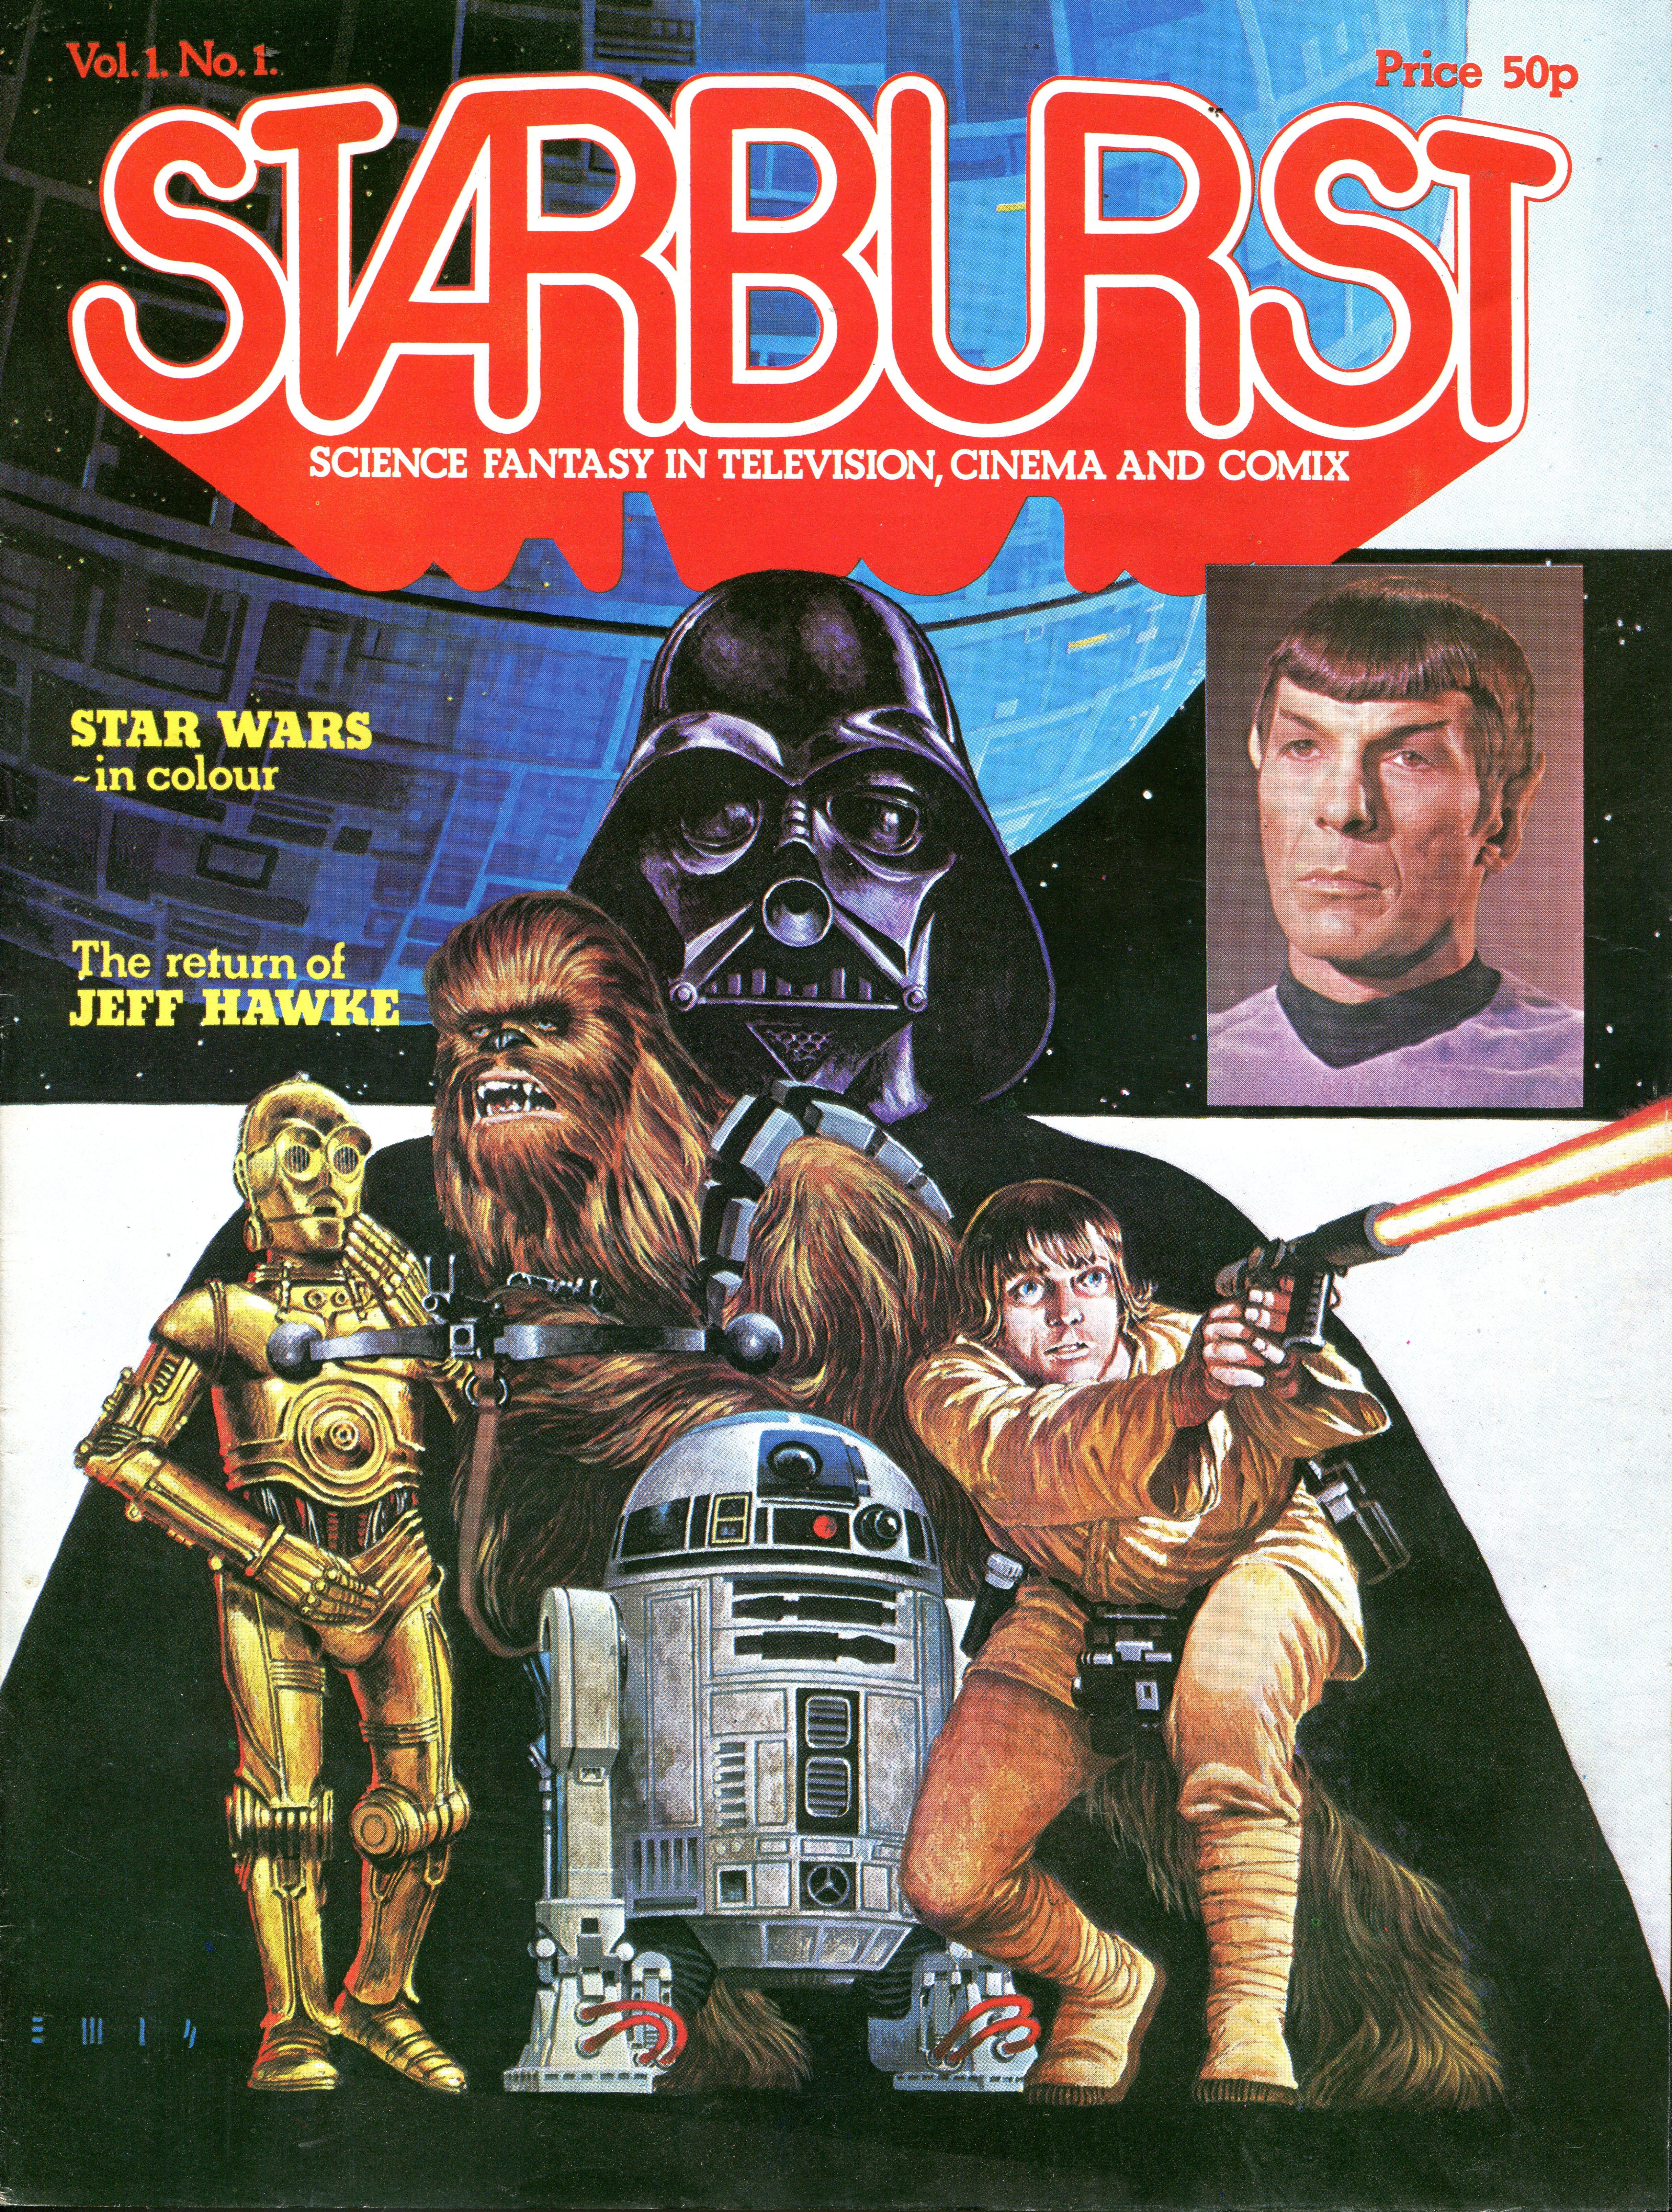 Starburst Vol 1 No 1 082